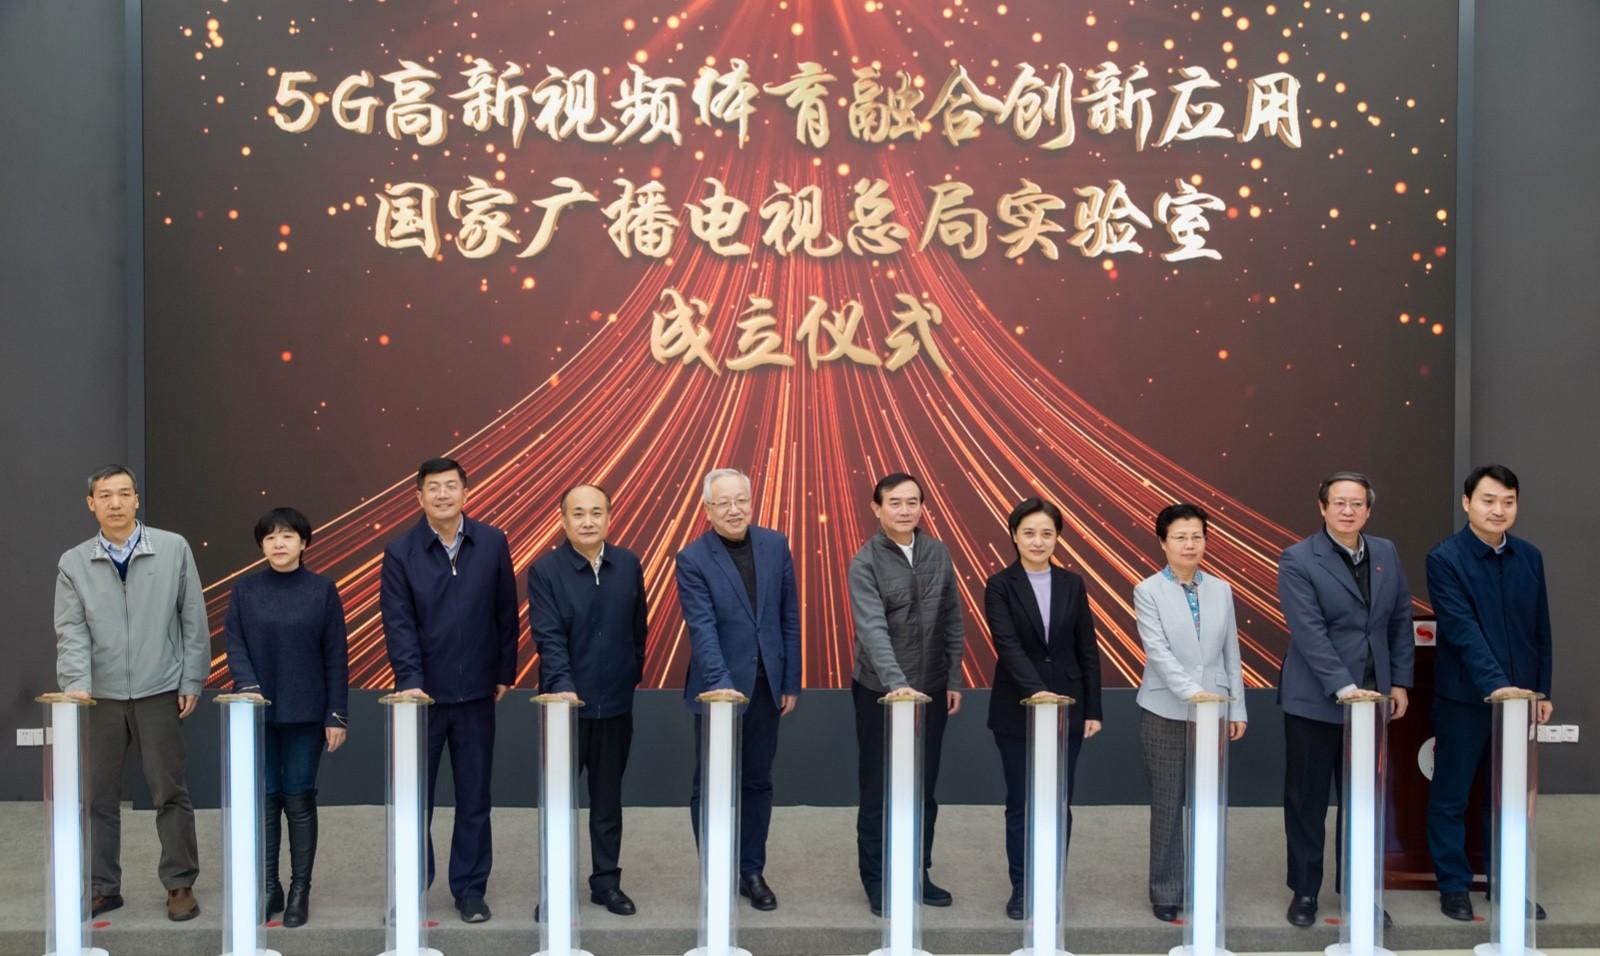 国内首个5G高新视频体育融合创新应用 国家广播电视总局实验室落户北京体育大学